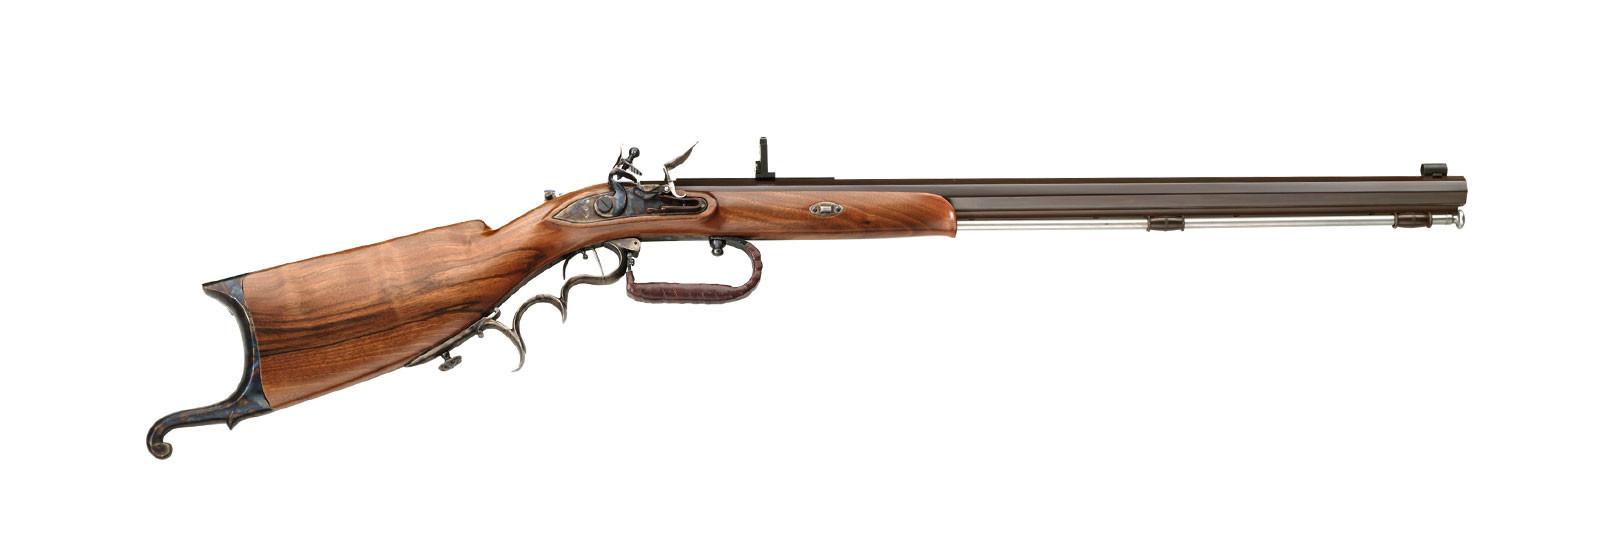 Swiss Match Rifle